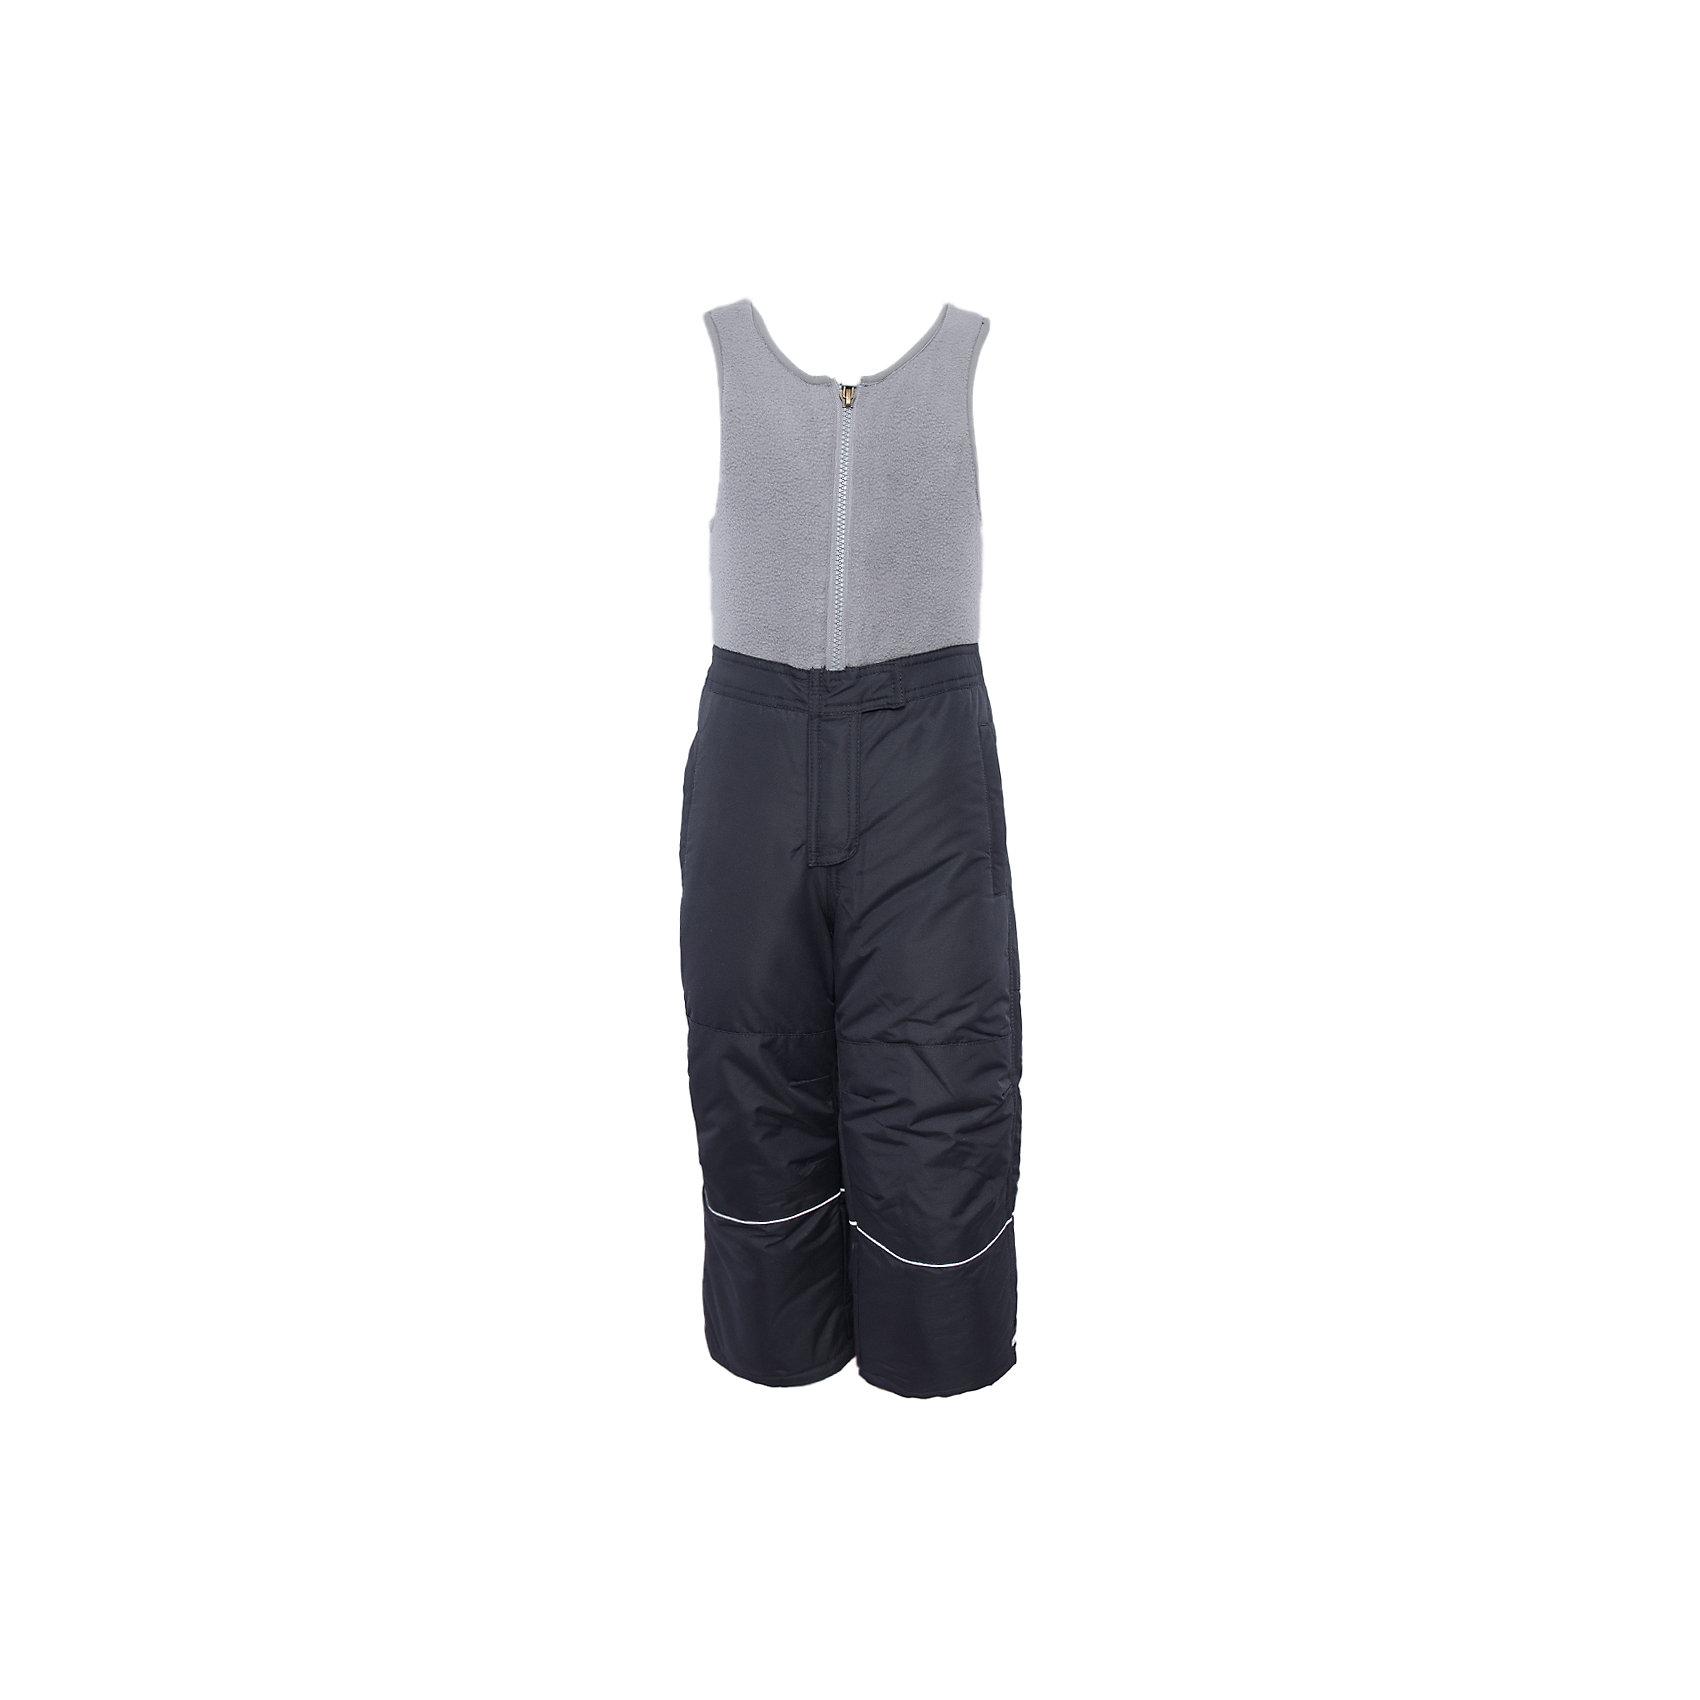 Комбинезон для мальчика SELAВерхняя одежда<br>Утепленный комбинезон - незаменимая вещь для детей в прохладное время года. Эта модель отлично сидит на ребенке, она сшита из плотного материала, позволяет заниматься спортом на свежем воздухе зимой. Мягкая подкладка не вызывает аллергии и обеспечивает ребенку комфорт. Модель станет отличной базовой вещью, которая будет уместна в различных сочетаниях.<br>Одежда от бренда Sela (Села) - это качество по приемлемым ценам. Многие российские родители уже оценили преимущества продукции этой компании и всё чаще приобретают одежду и аксессуары Sela.<br><br>Дополнительная информация:<br><br>цвет: разноцветный;<br>материал: верх - 100% ПЭ, утеплитель - 100% ПЭ, подкладка - 100% ПЭ;<br>светоотражающие детали;<br>застежка - молния.<br><br>Комбинезон для мальчика от бренда Sela можно купить в нашем интернет-магазине.<br><br>Ширина мм: 356<br>Глубина мм: 10<br>Высота мм: 245<br>Вес г: 519<br>Цвет: синий<br>Возраст от месяцев: 60<br>Возраст до месяцев: 72<br>Пол: Мужской<br>Возраст: Детский<br>Размер: 116,98,104,110<br>SKU: 5008031